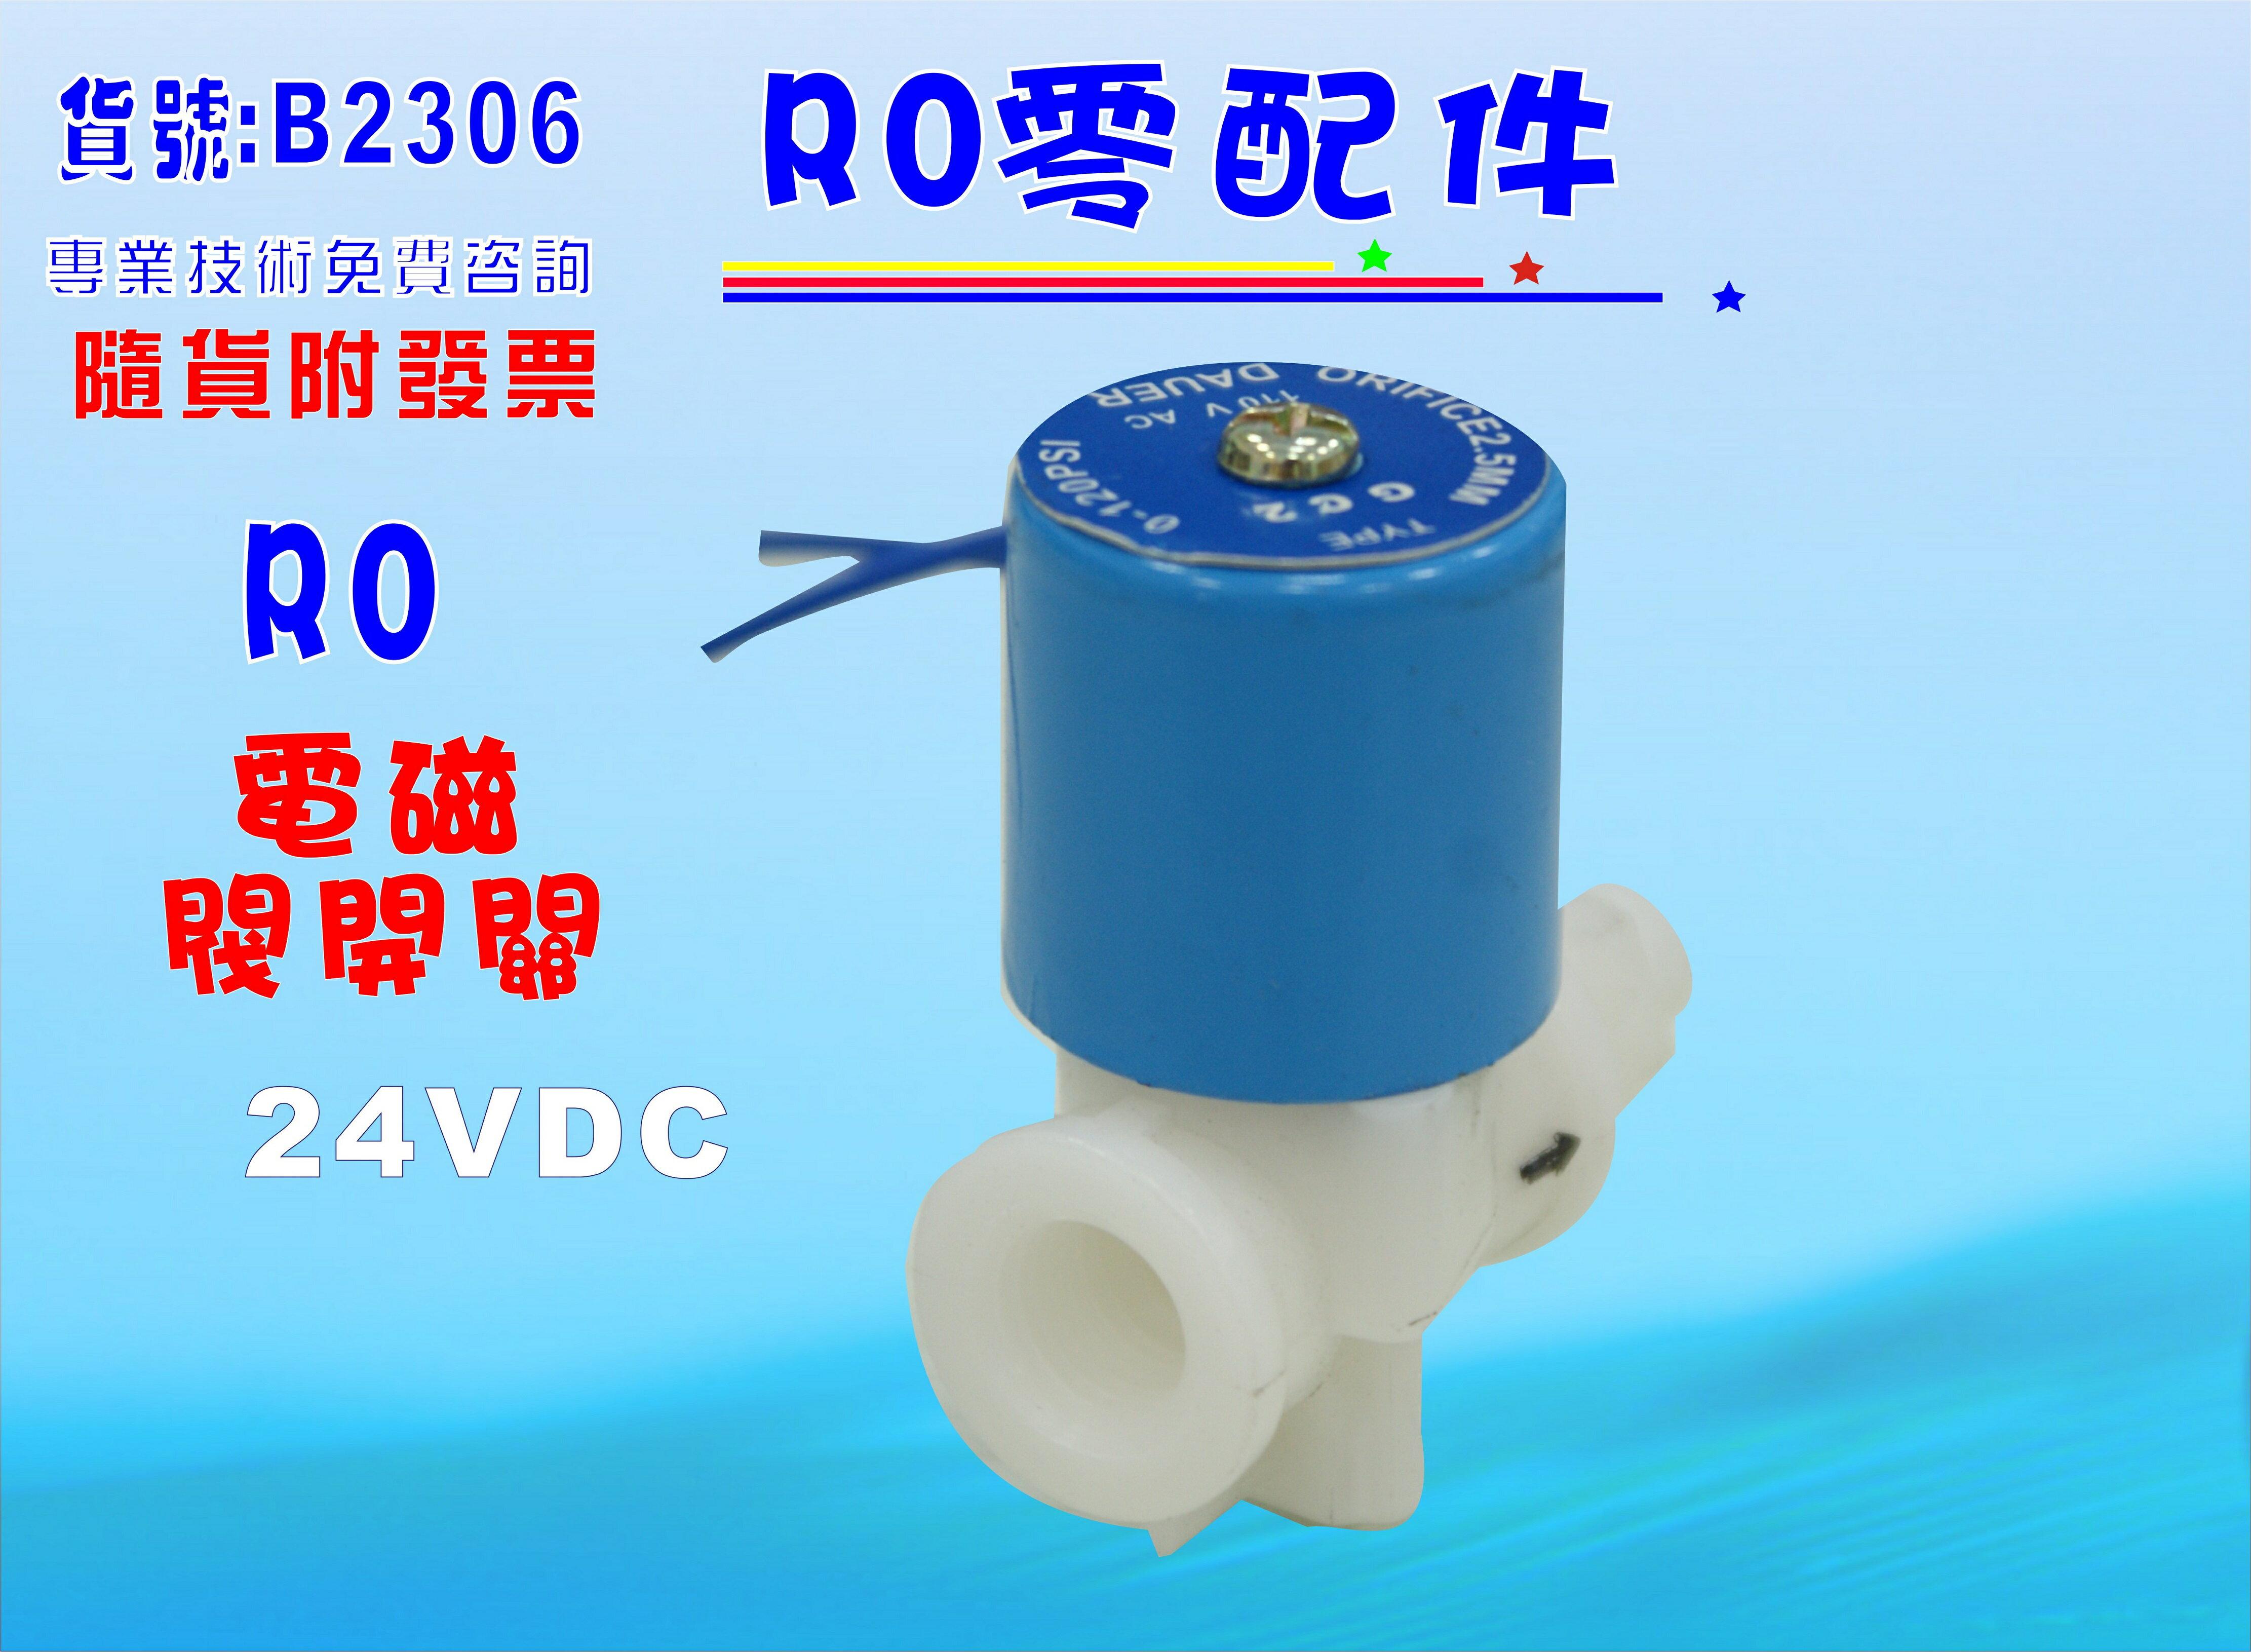 【七星淨水】110V電磁閥.淨水器.過濾器.飲水機飲水機.電解水機.水電材料.貨號:B23